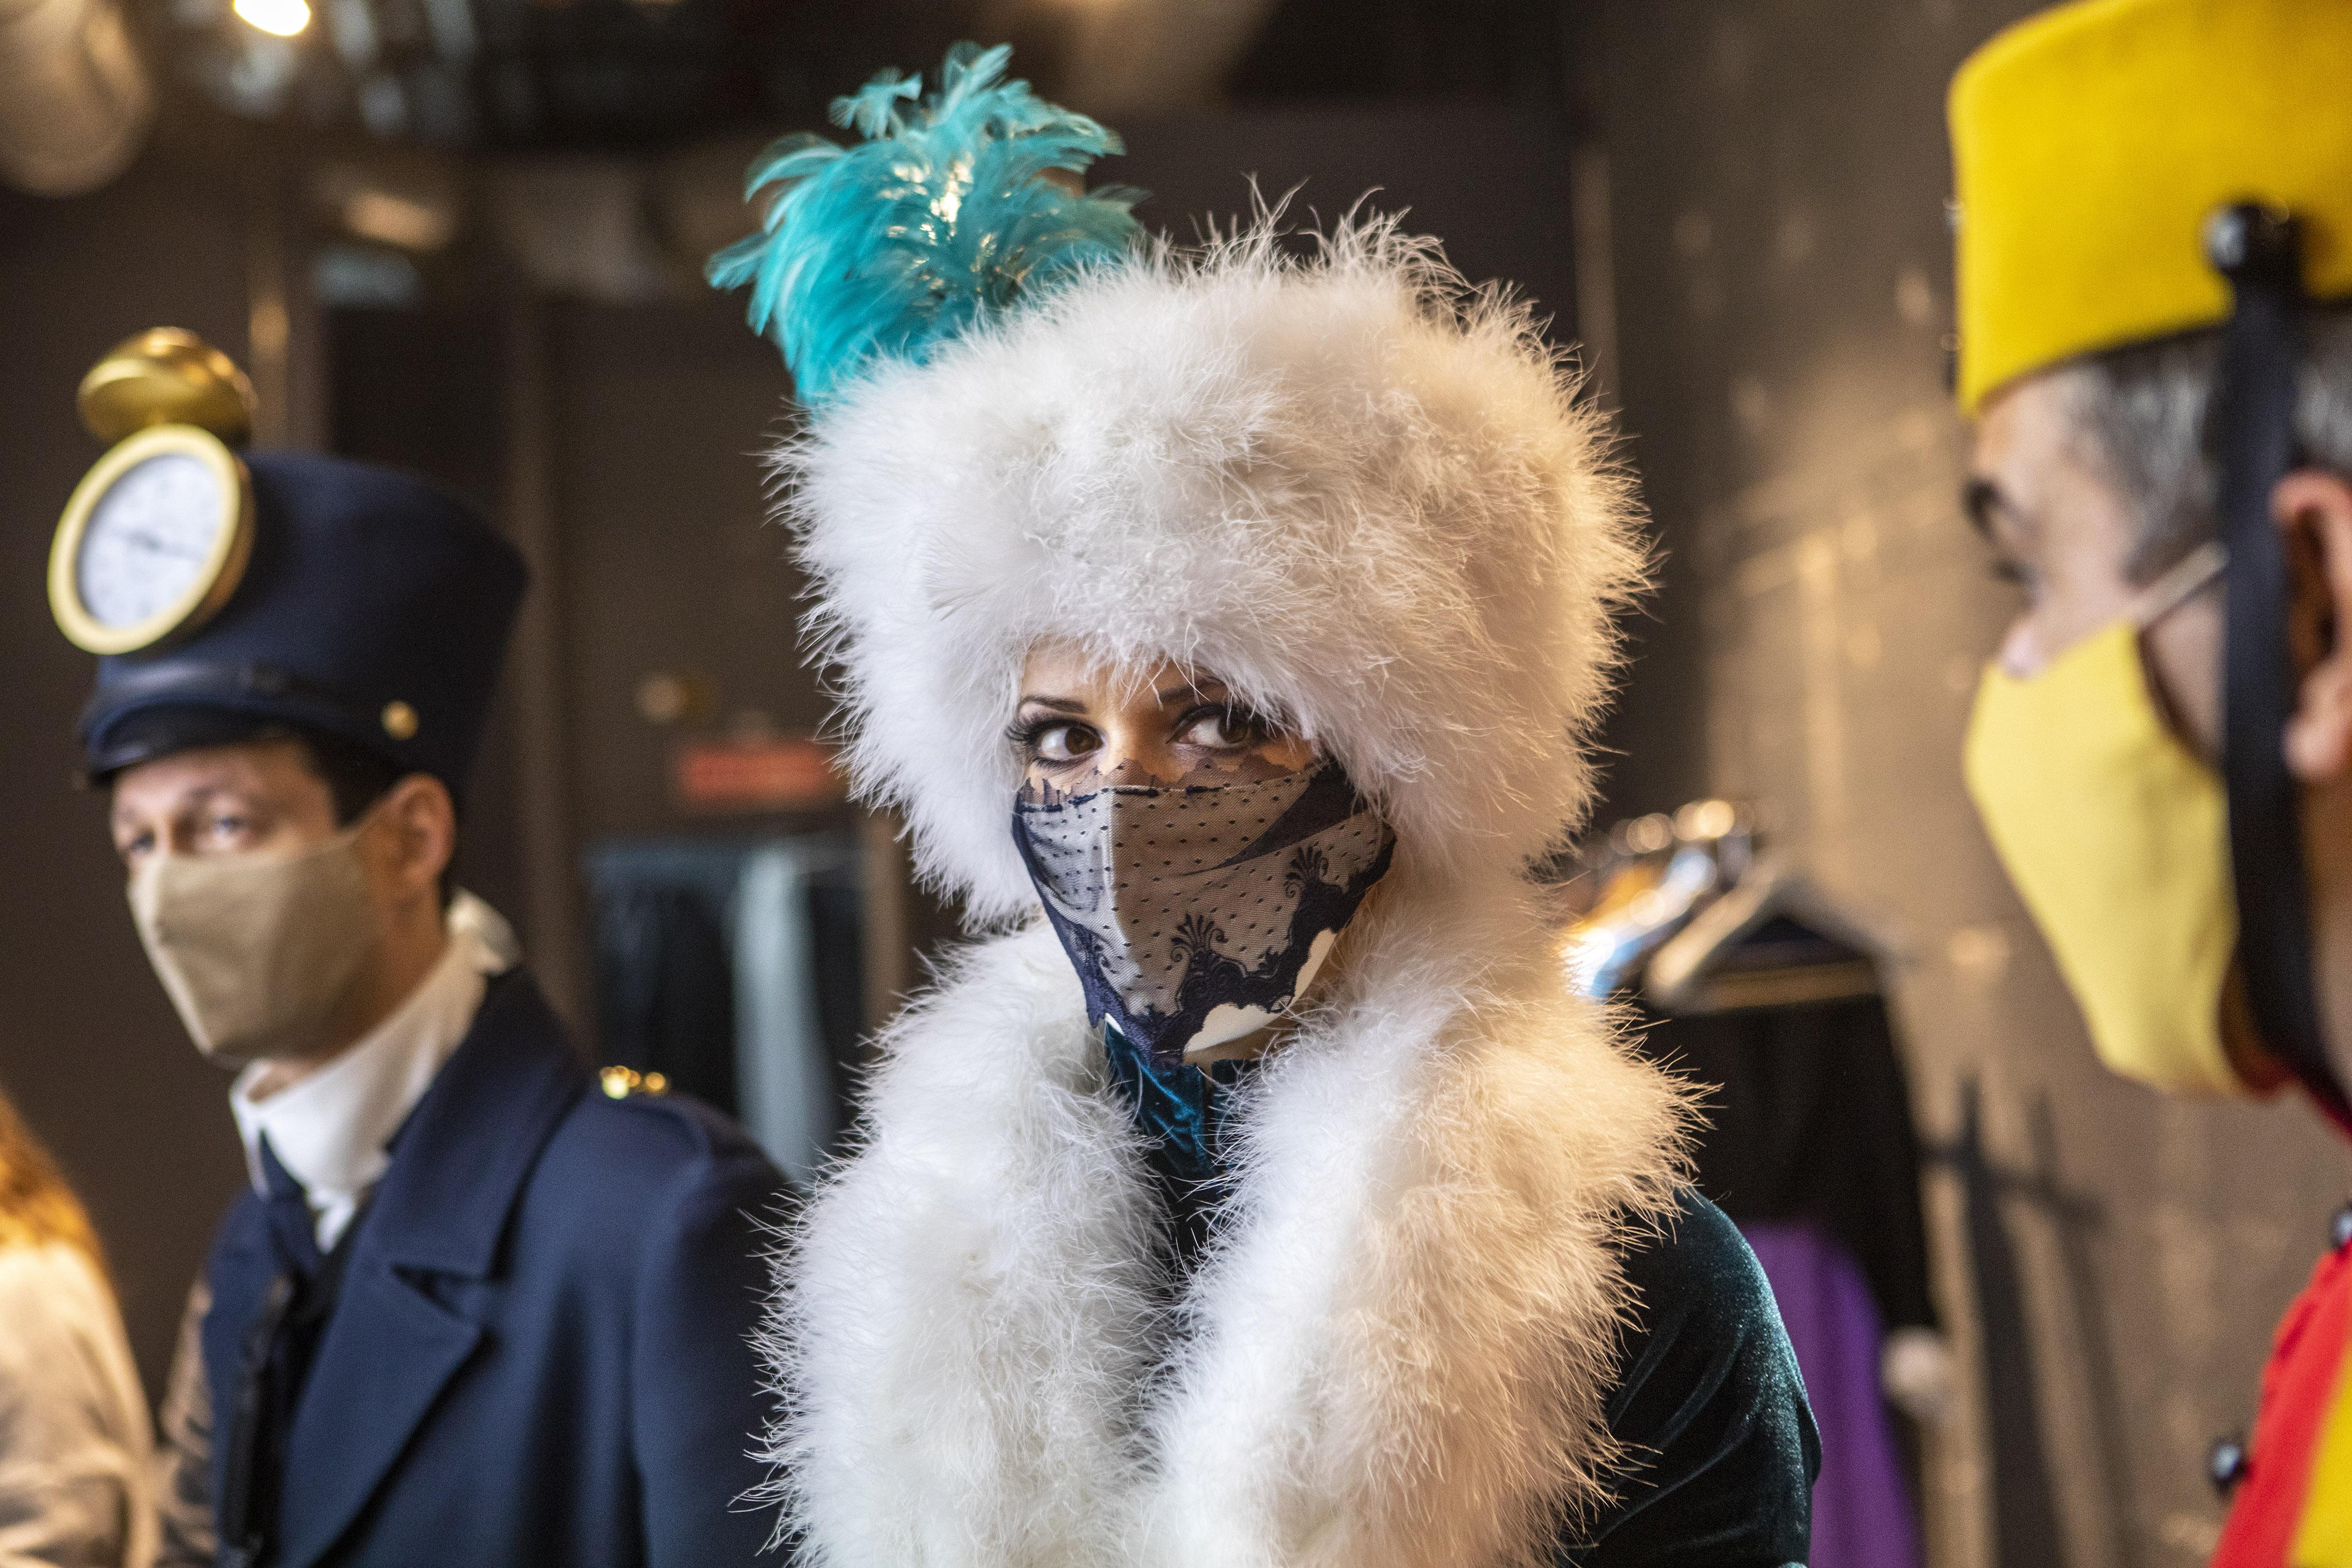 Parade de Noël - CRÉATION AURORE STAUDER- Les voyageurs du Christmas express- Réalisation costumes: Jef Castaing